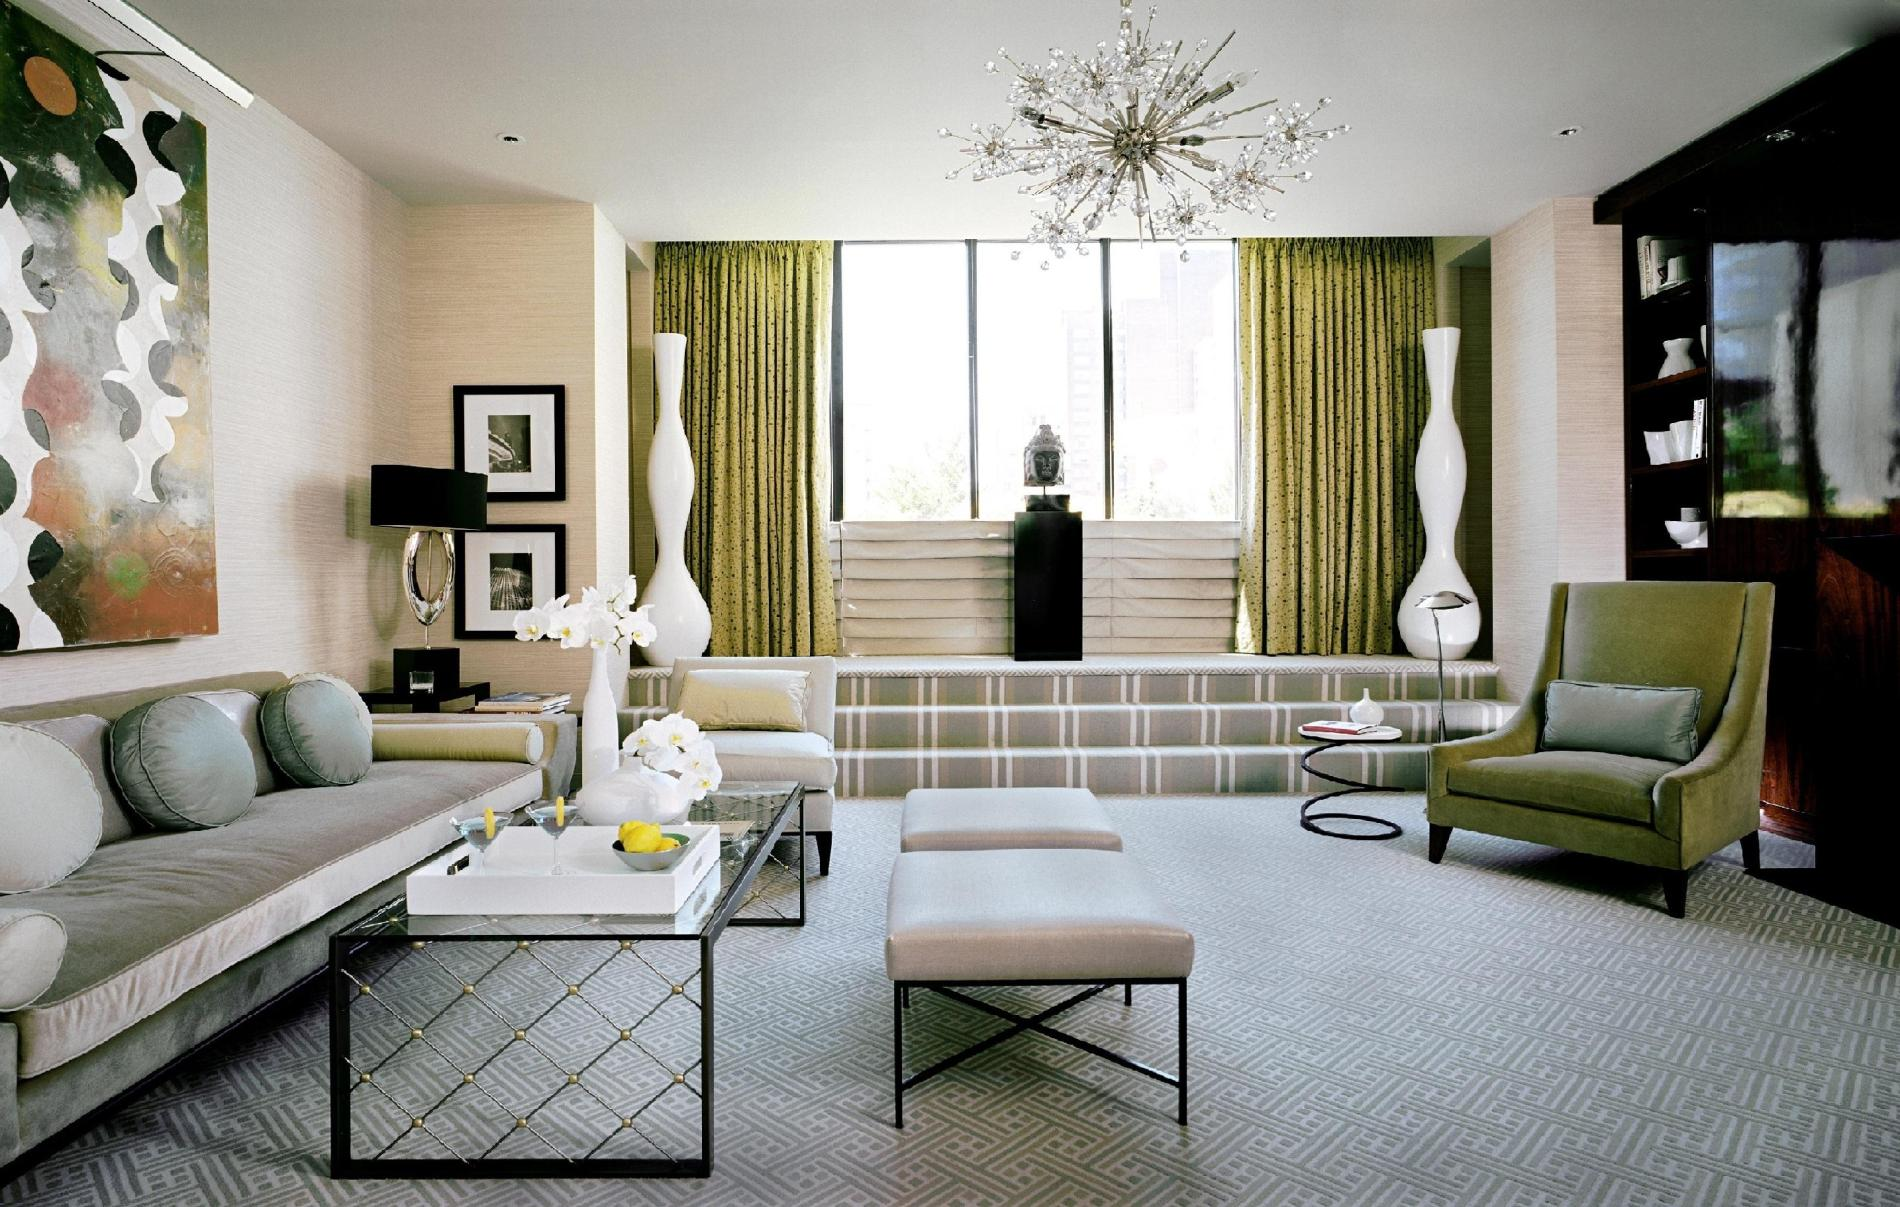 šviesaus dizaino namai art deco stiliumi